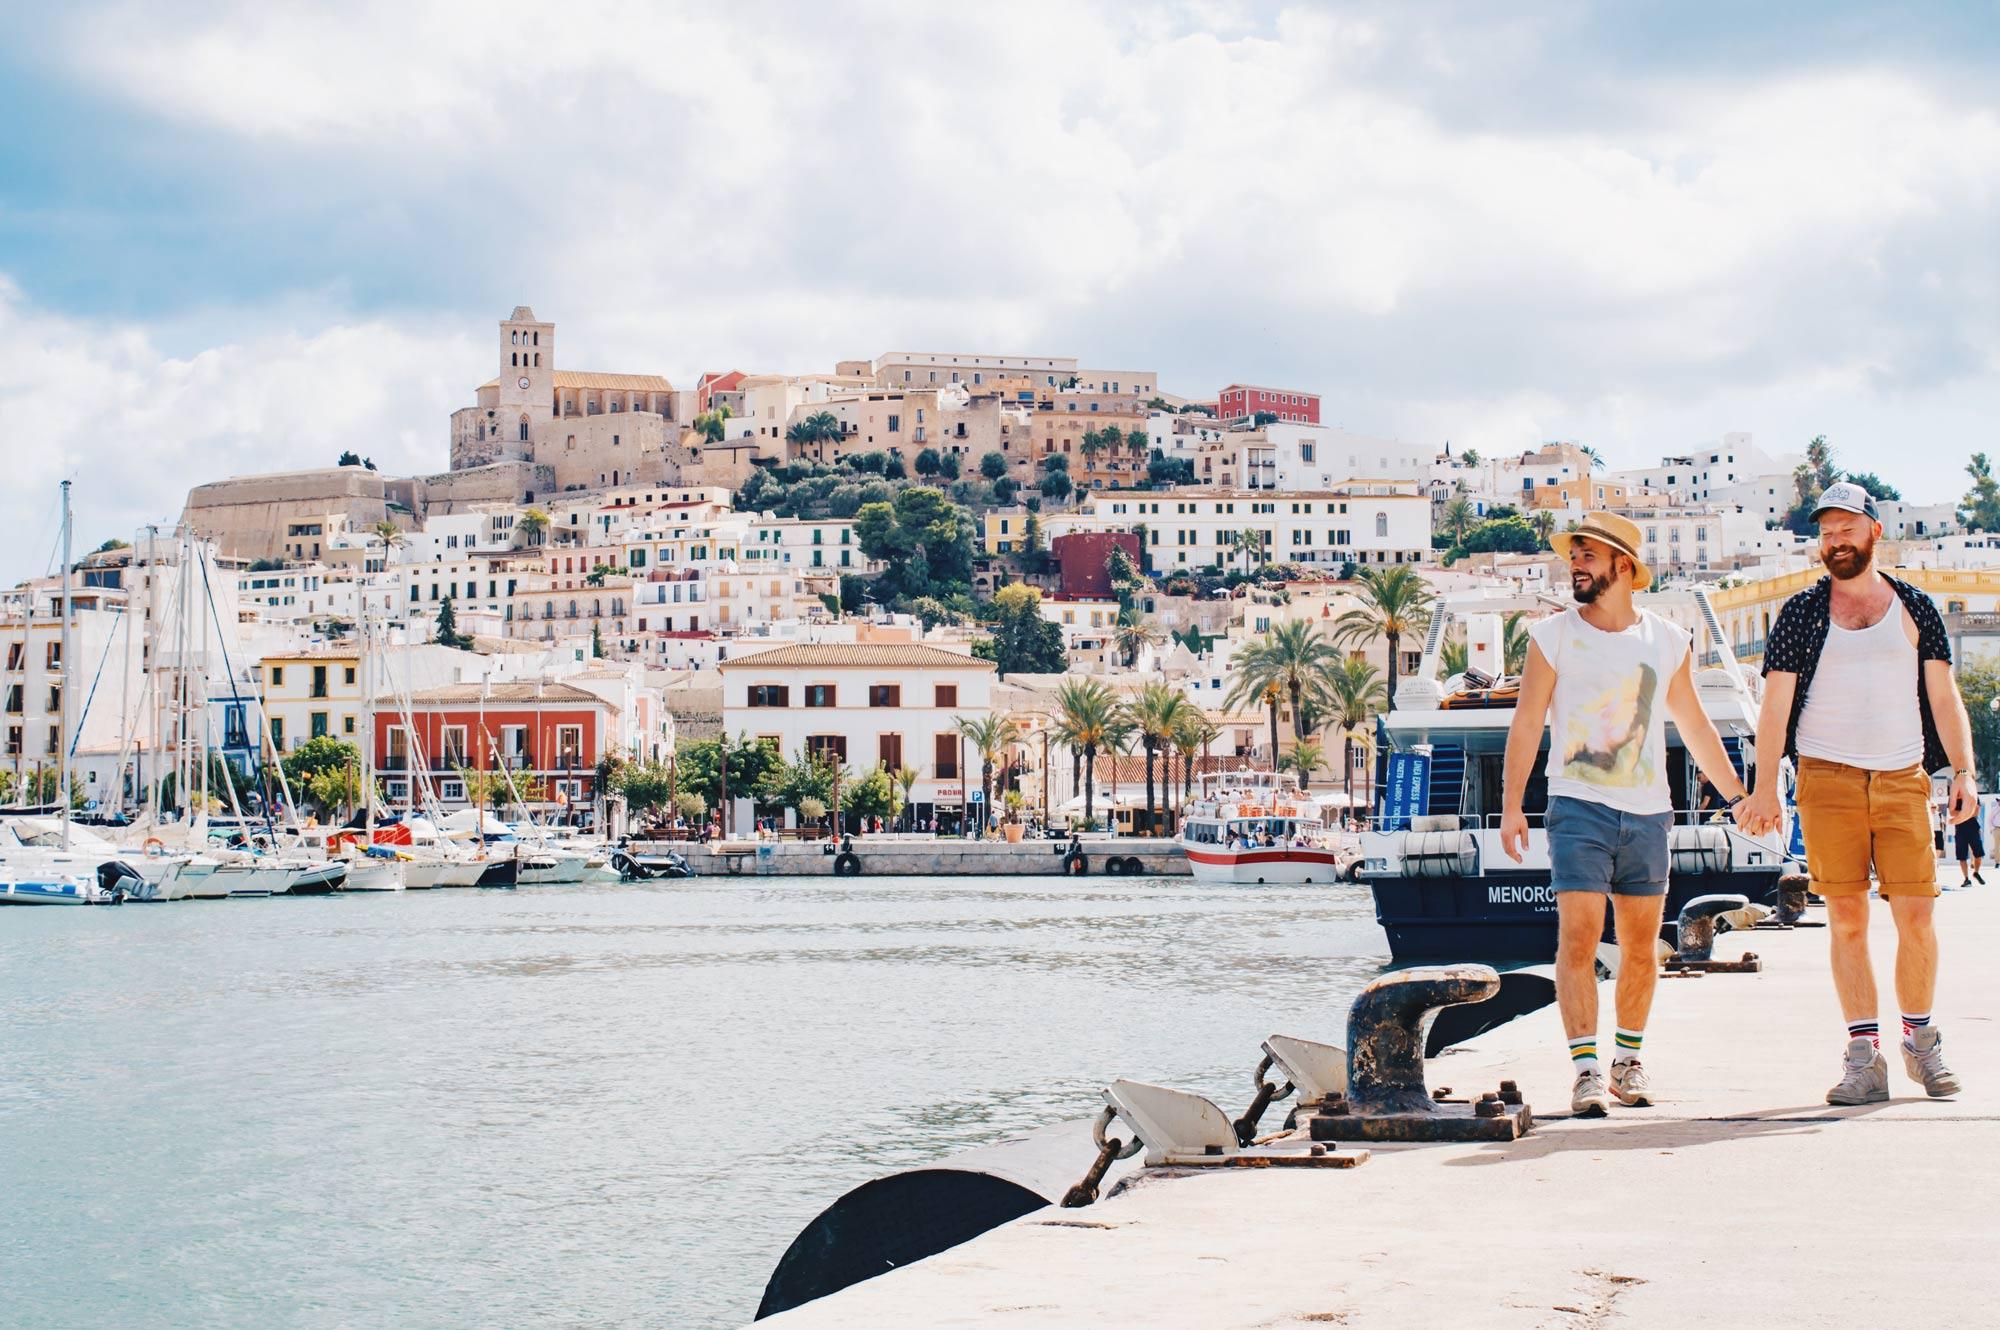 Gay Travel Blogger hand in hand at the Gay Beach in Ibiza | Gay Travel Ibiza © Coupleofmen.com